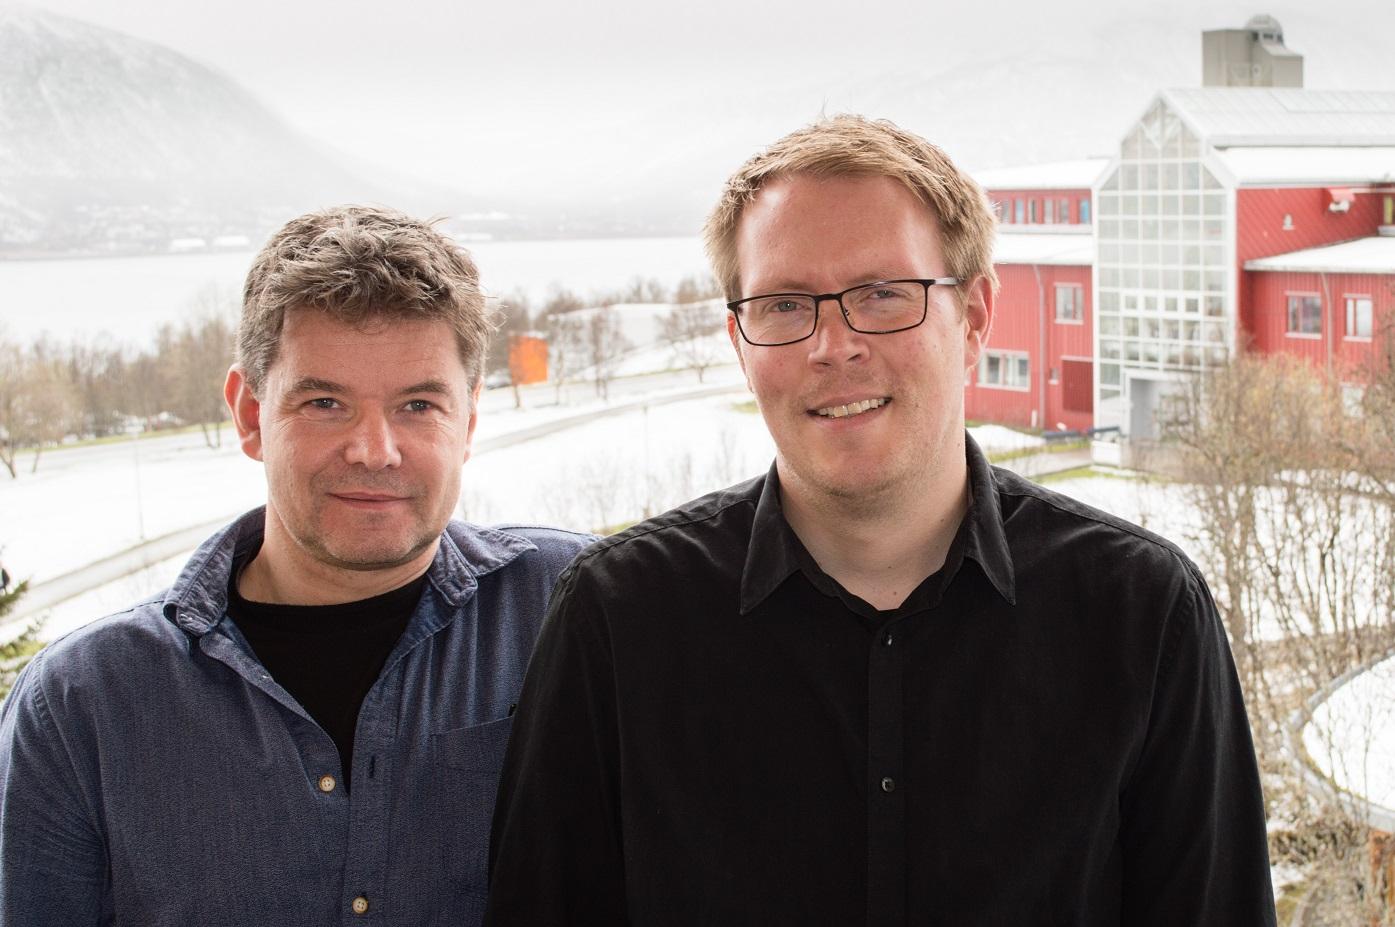 Nils Johan Lysnes og Jan Ketil Petersen ved ITA.